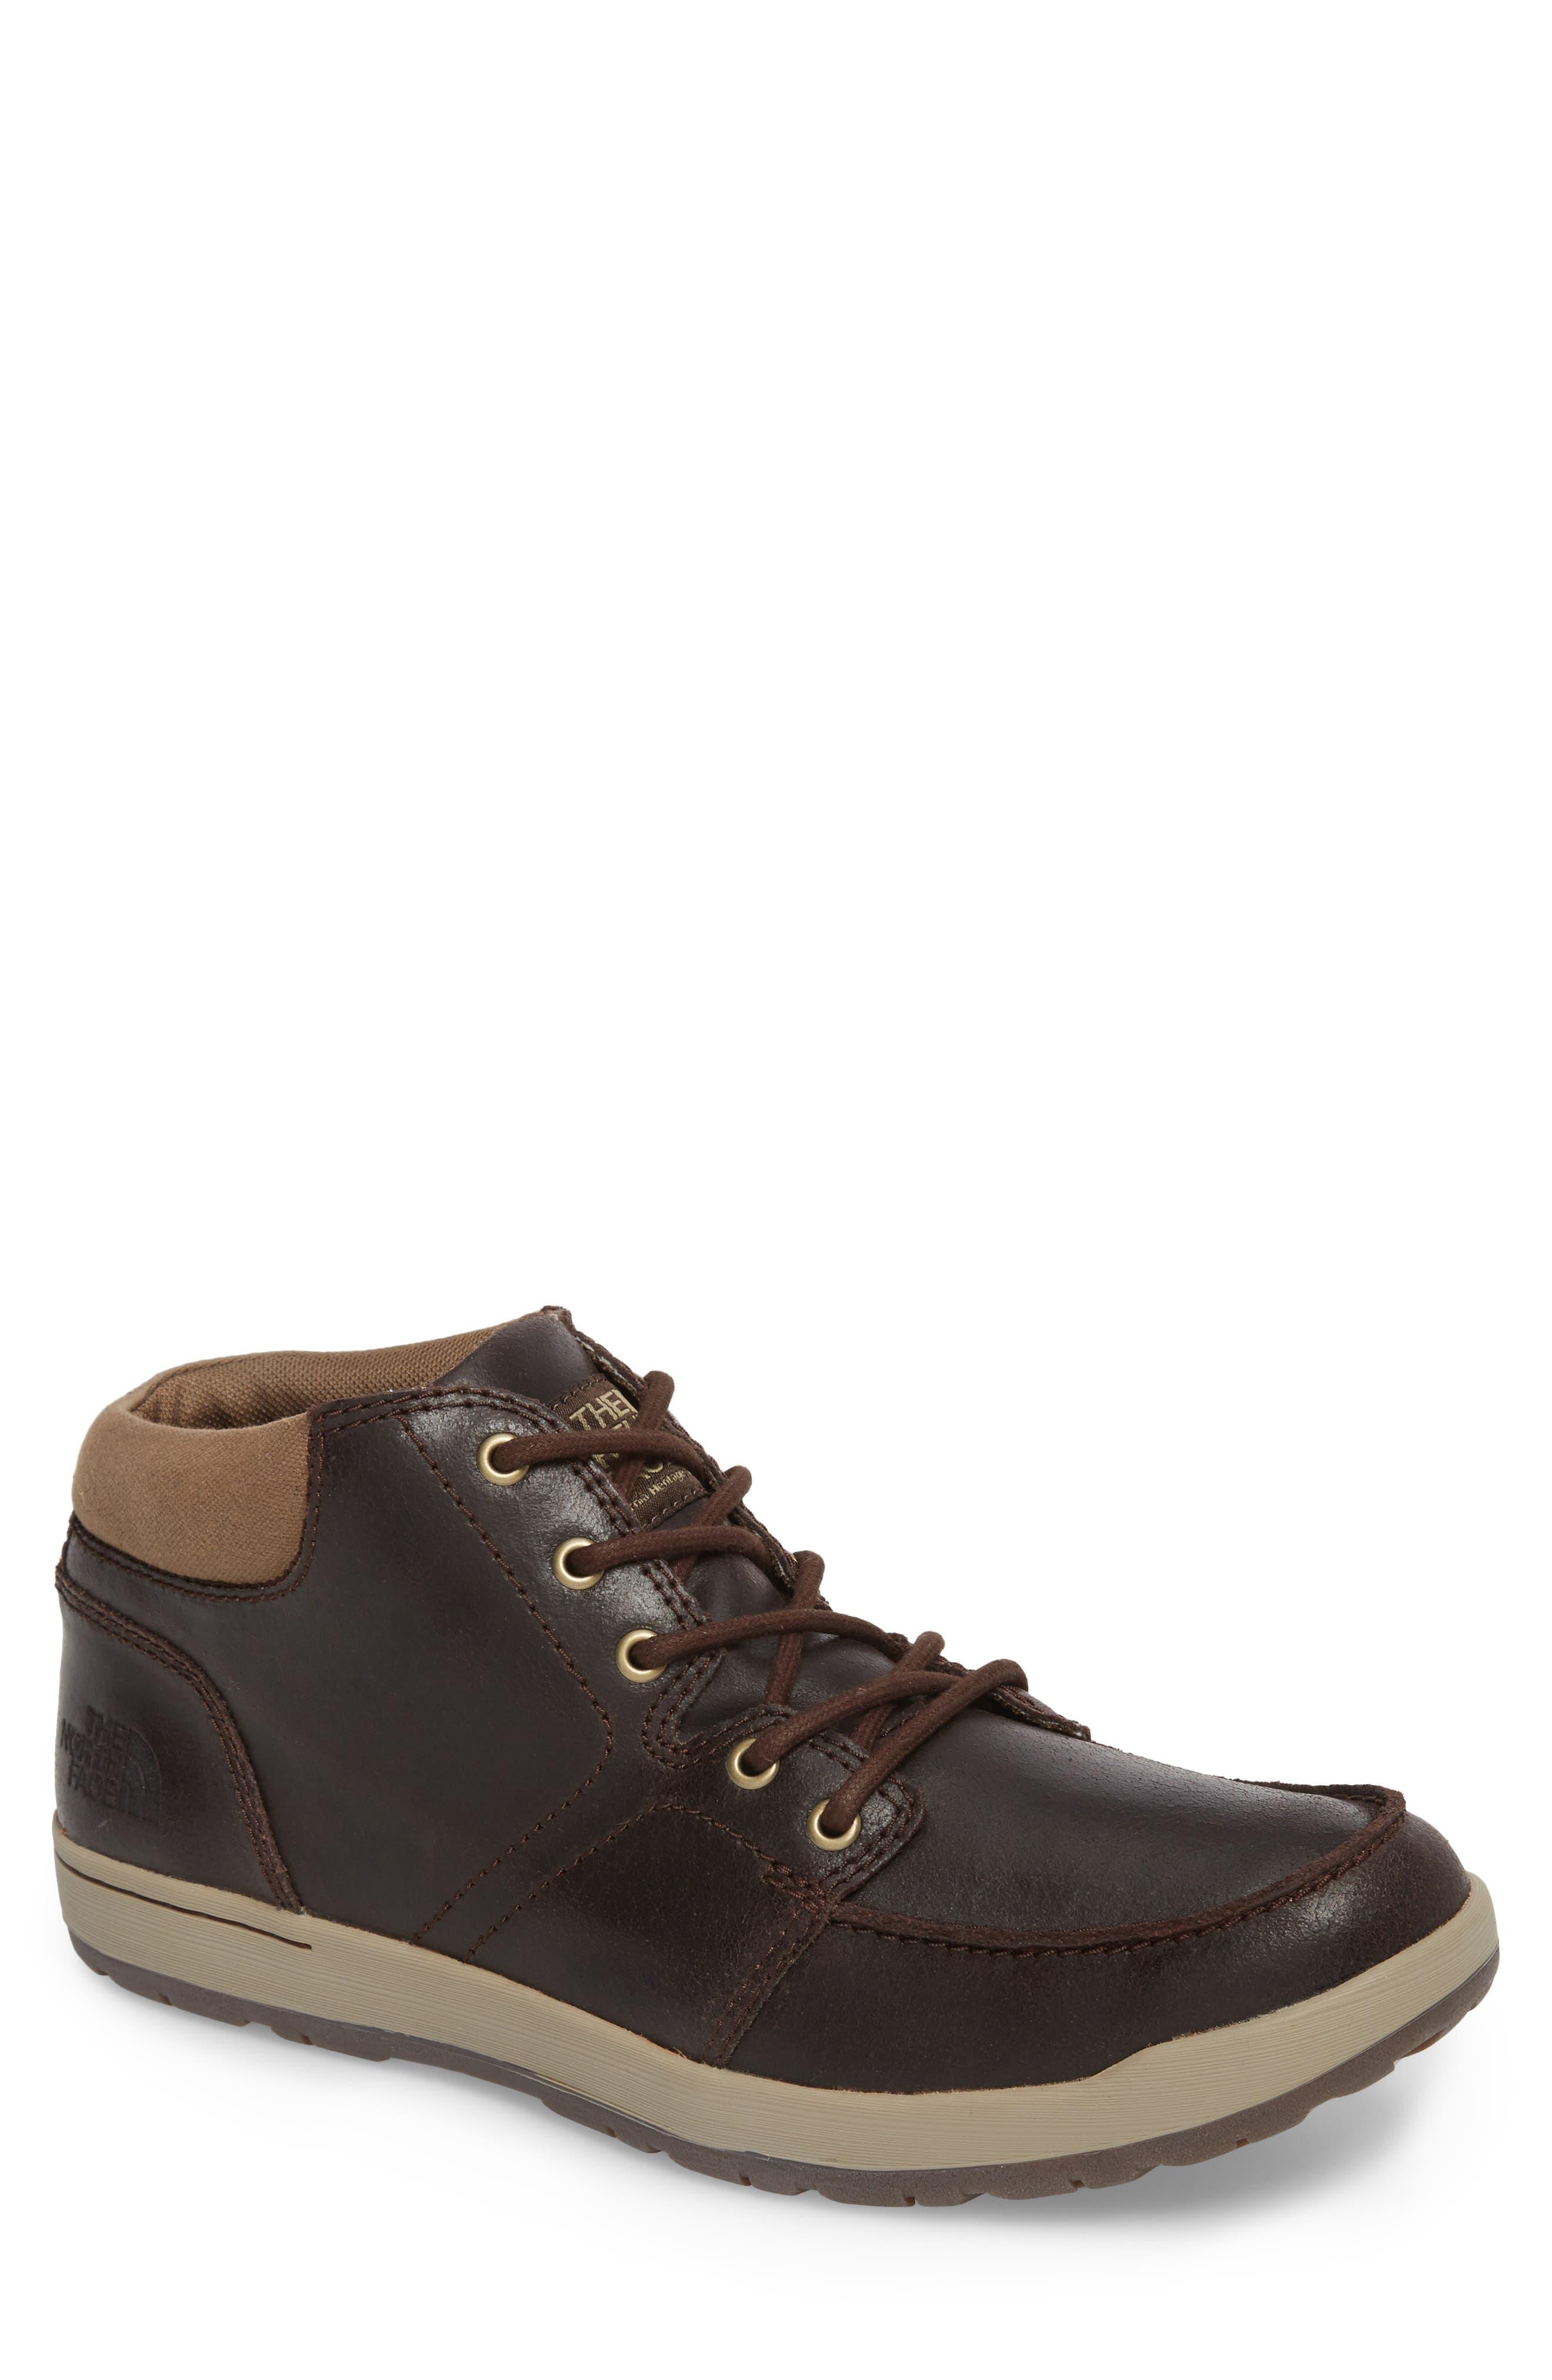 The North Face Ballard Evo Moc Toe Boot (Men)